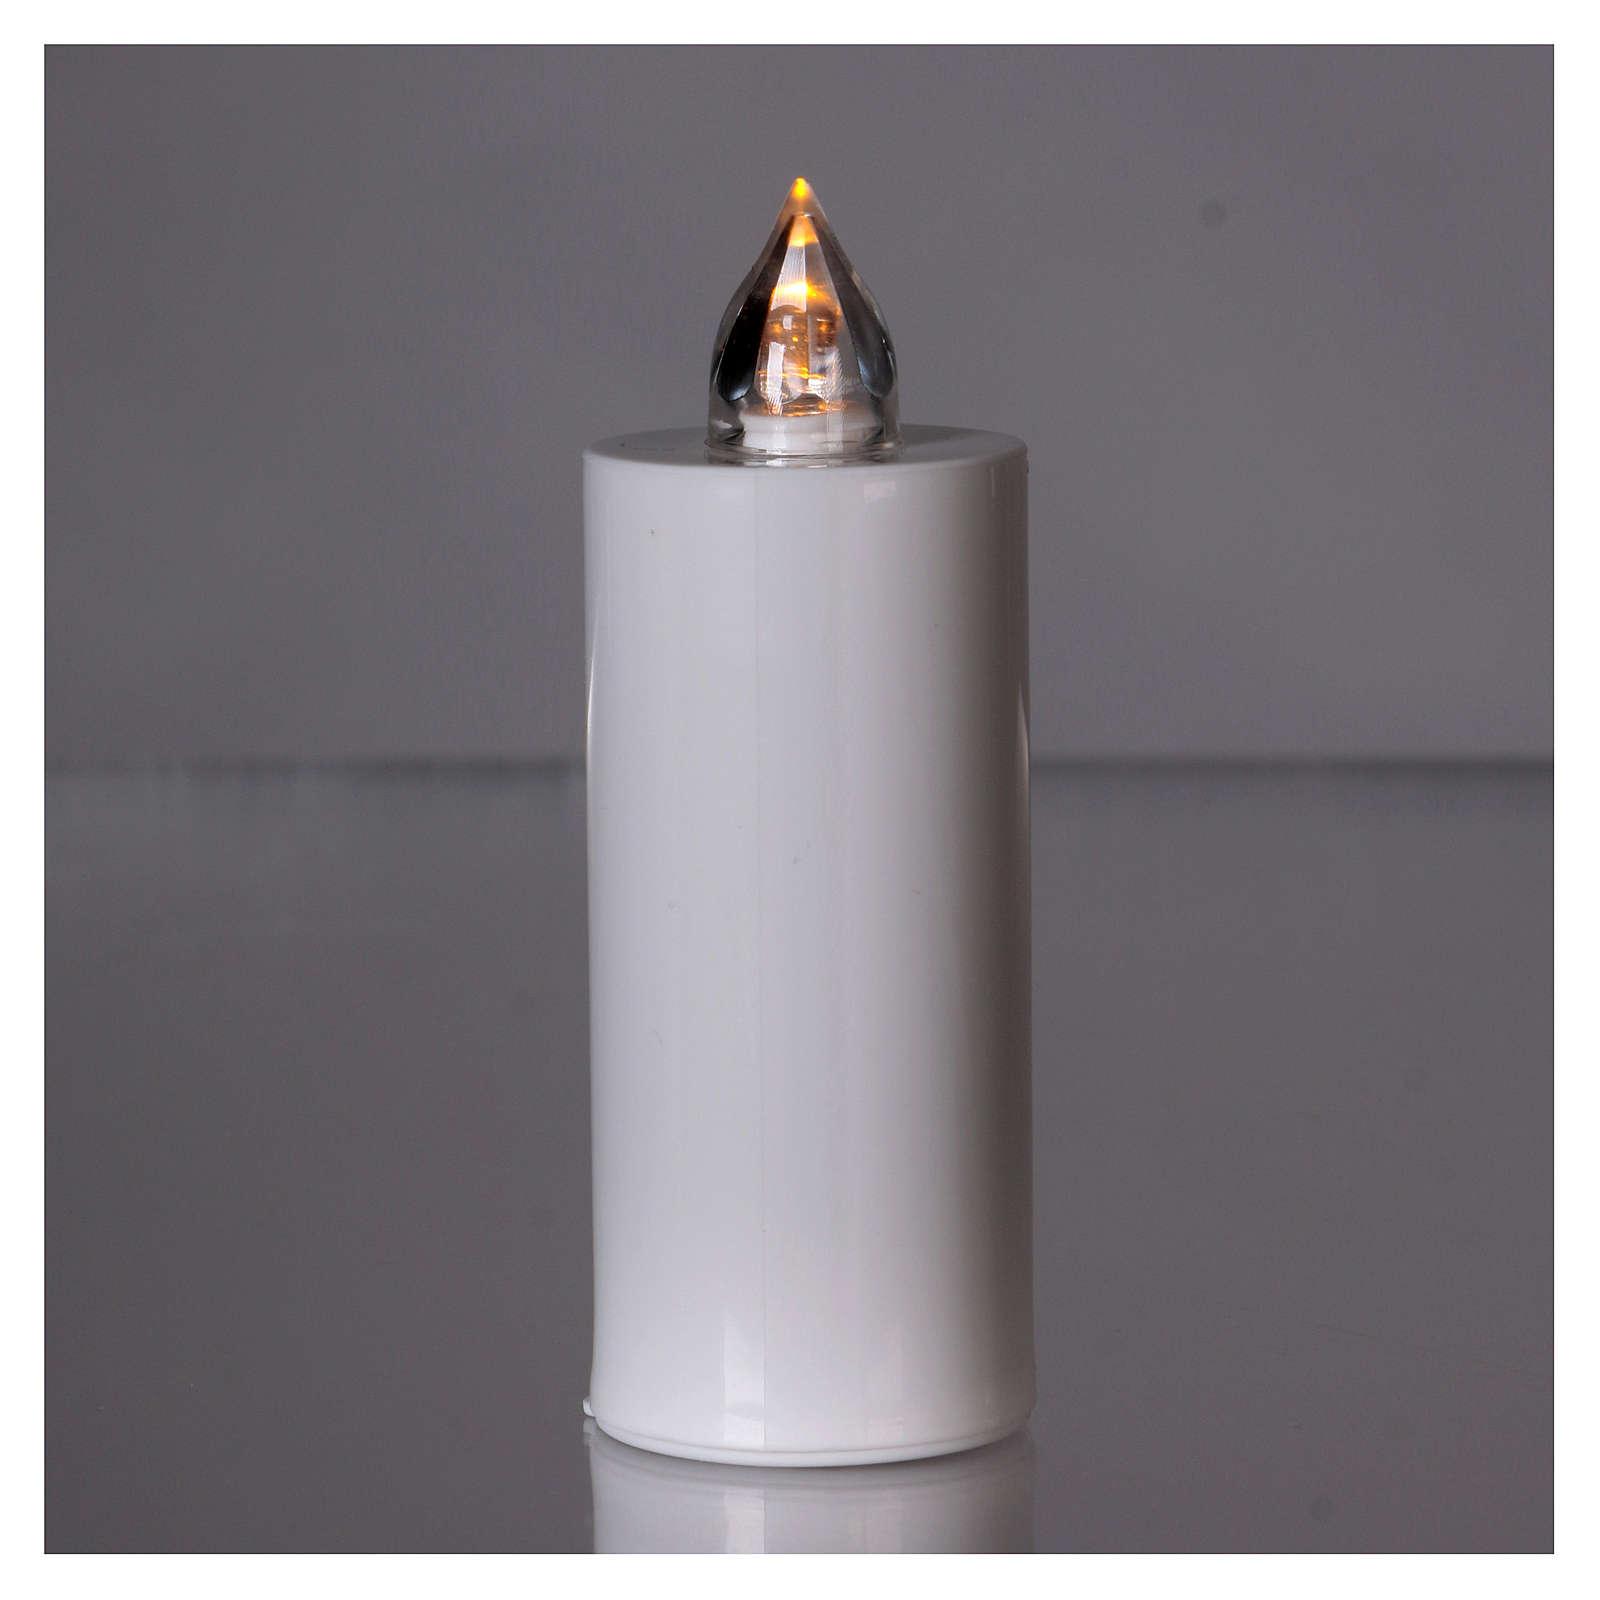 Veilleuse votive Lumada blanche avec lumière jaune fixe 3